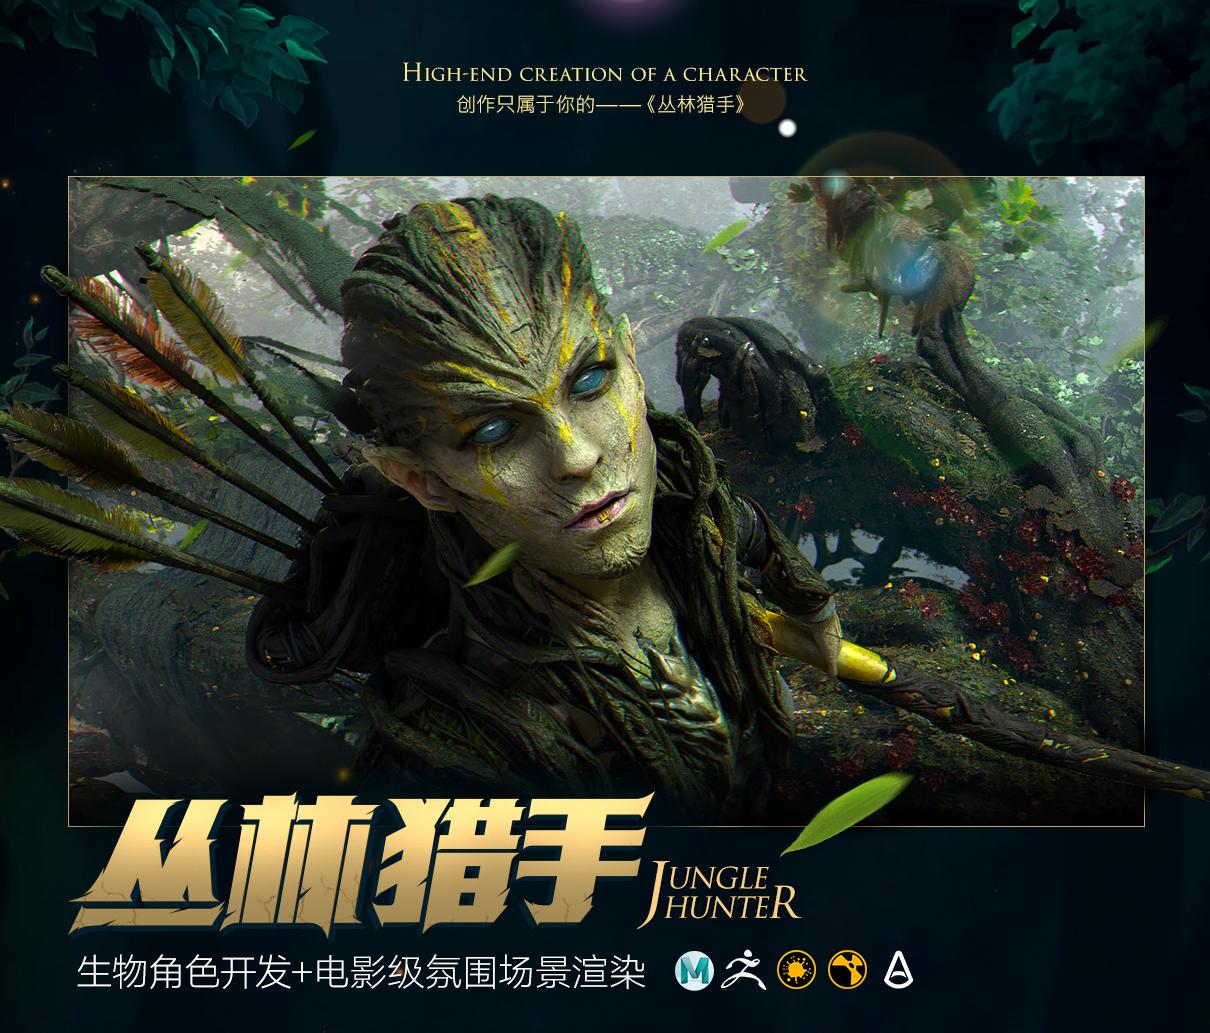 中文-丛林猎手-主图_01.jpg